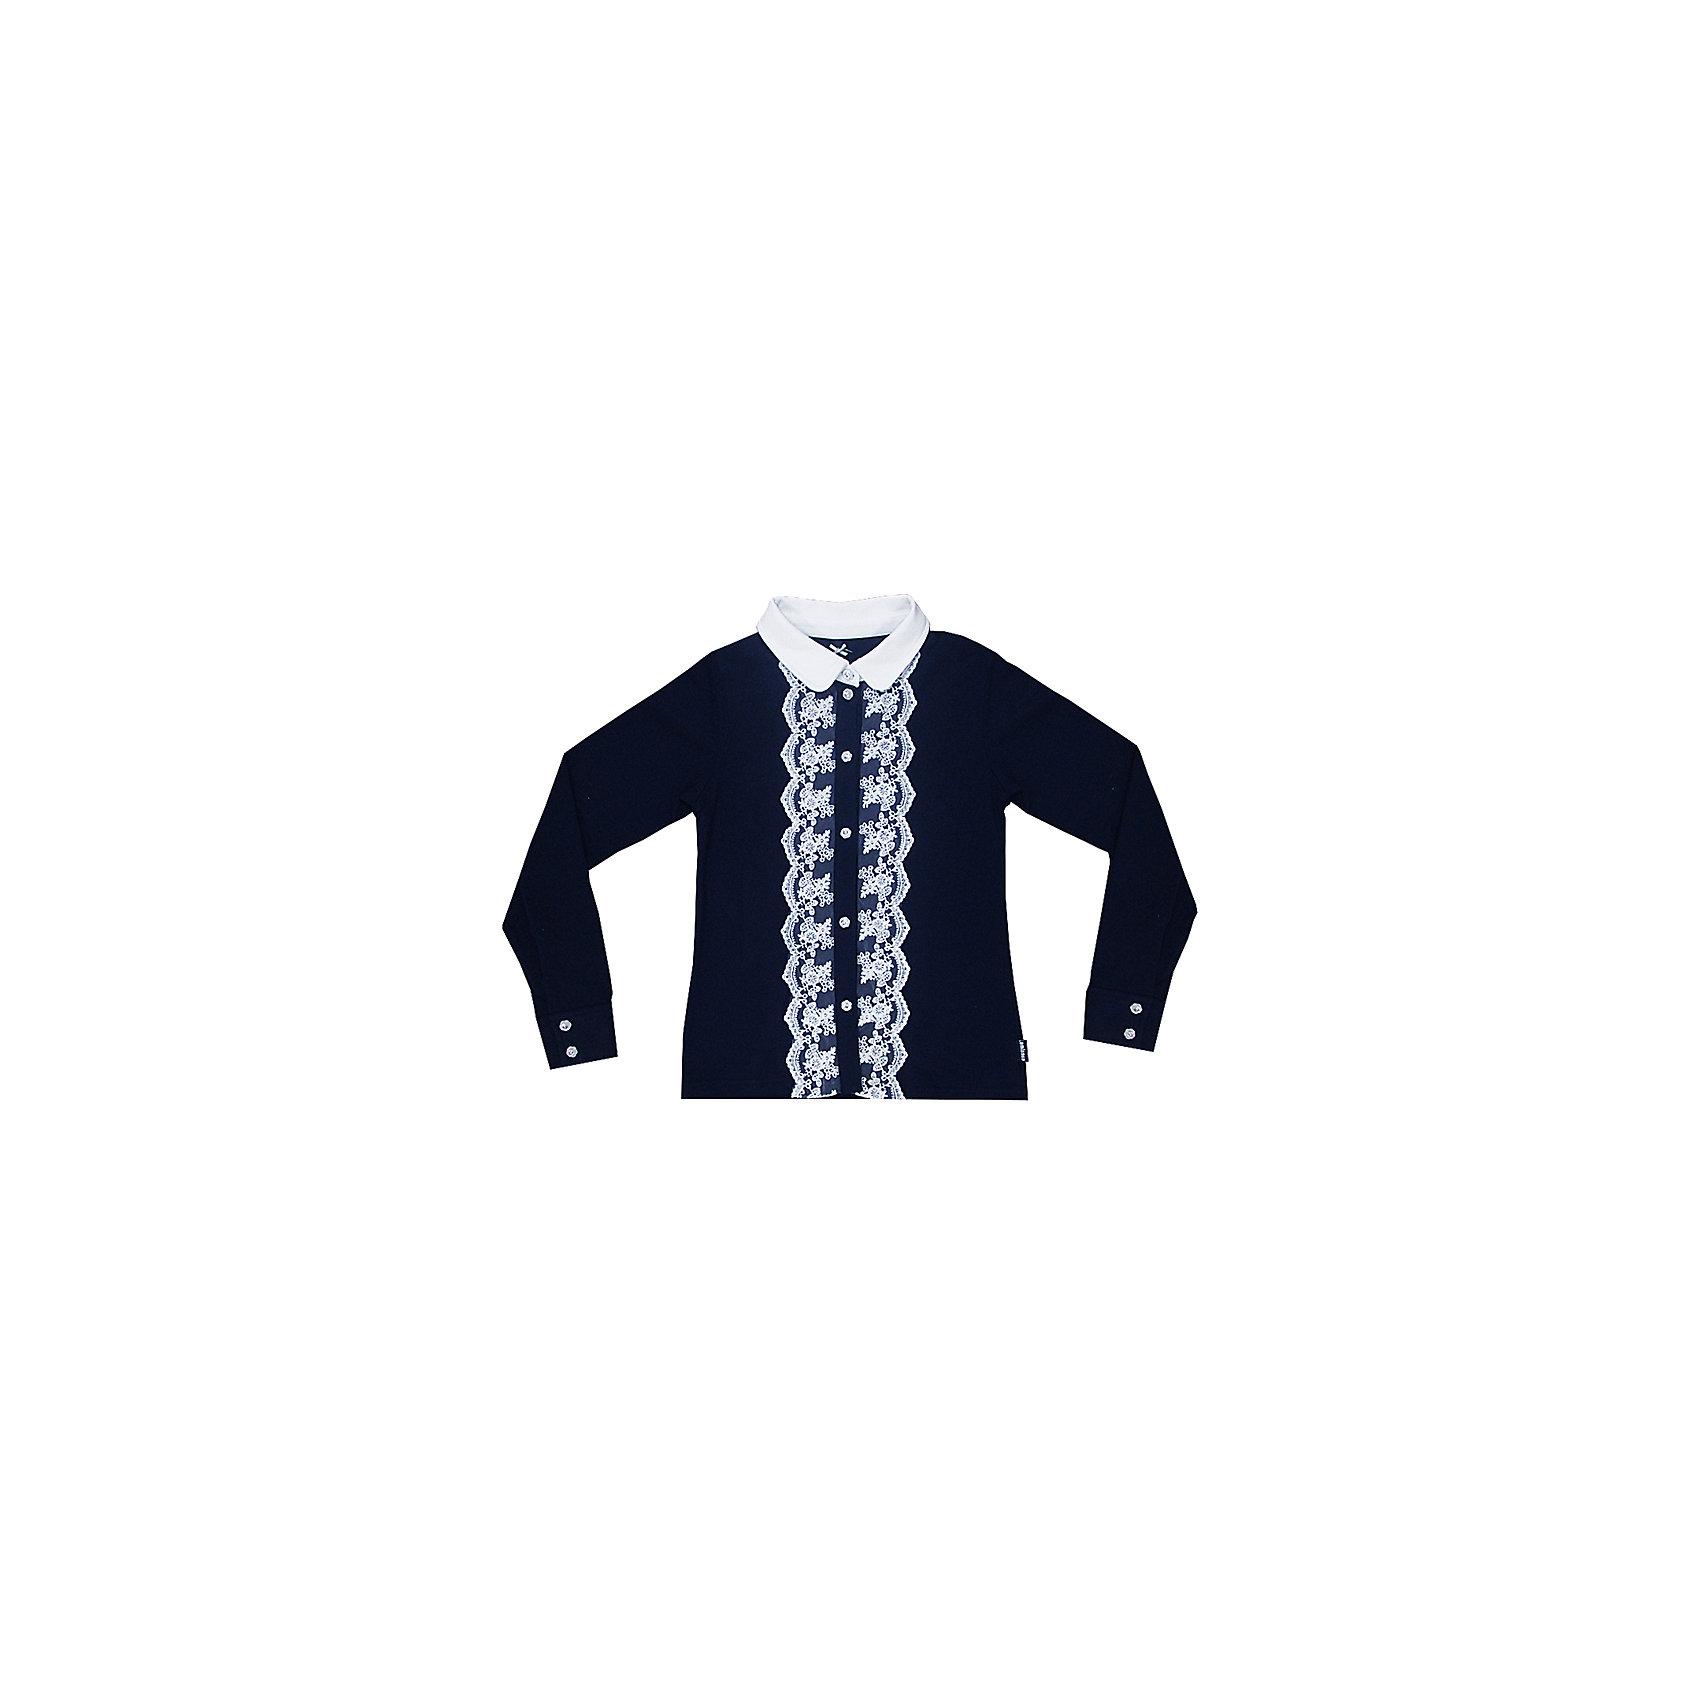 Блузка для девочки LuminosoБлузки и рубашки<br>Характеристики товара:<br><br>• цвет: темно-синий;<br>• состав: 95% хлопок, 5% эластан;<br>• сезон: демисезон;<br>• особенности: школьная, с кружевом;<br>• застежка: пуговицы;<br>• с длинным рукавом;<br>• спереди декорирована кружевом; <br>• манжеты рукавов на пуговице;<br>• страна бренда: Россия;<br>• страна производства: Китай.<br><br>Школьная блузка с длинным рукавом для девочки. Темно-синяя трикотажная блузка застегивается на пуговицы, манжеты рукавов на двух пуговицах. Блузка декорирована кружевом контрастного белого цвета.<br><br>Блузка для девочки Luminoso (Люминосо) можно купить в нашем интернет-магазине.<br><br>Ширина мм: 186<br>Глубина мм: 87<br>Высота мм: 198<br>Вес г: 197<br>Цвет: синий<br>Возраст от месяцев: 120<br>Возраст до месяцев: 132<br>Пол: Женский<br>Возраст: Детский<br>Размер: 146,140,152,158,164,122,128,134<br>SKU: 6673022